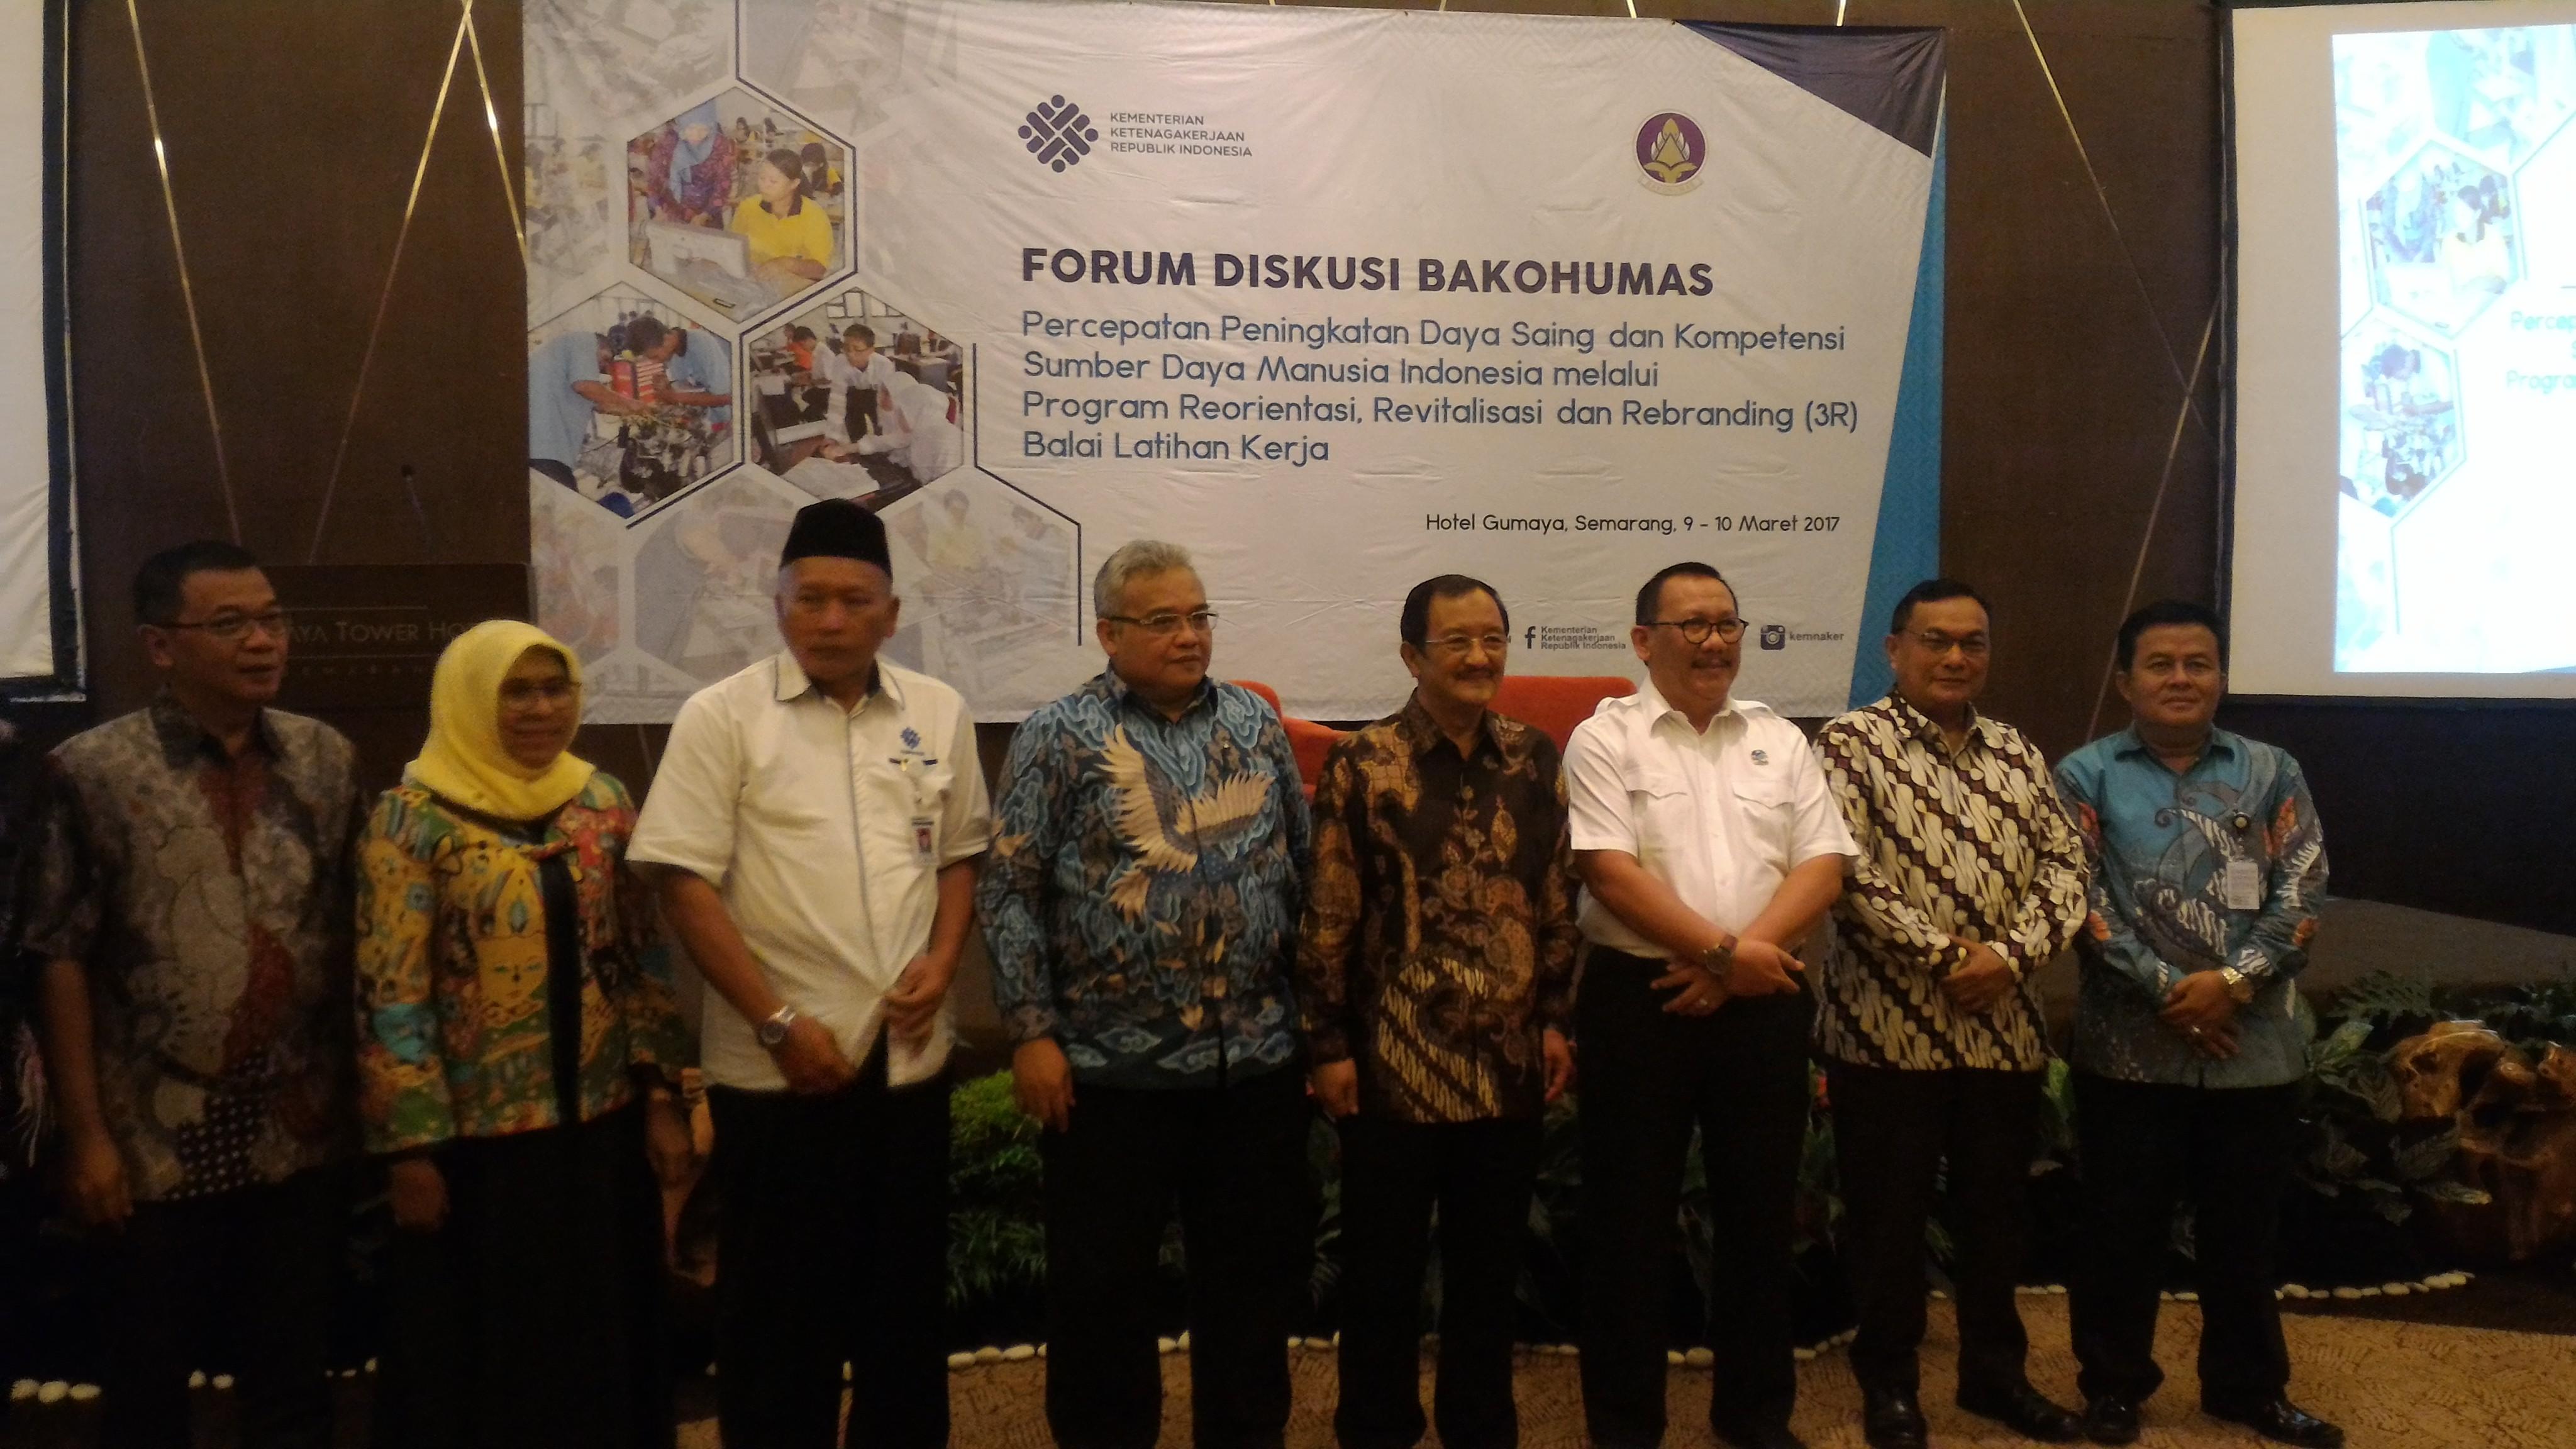 Irjen Kemenaker Sunarno berfoto bersama Dirjen Binalattas, Asdep Humaspro Setkab, dan Direktur Kemitraan Komunikasi serta pejabat yang hadir pada Forum Bakohumas, di Hotel Gumaya, Semarang, Kamis (9/3) siang. (Foto: Edi N/Humas)